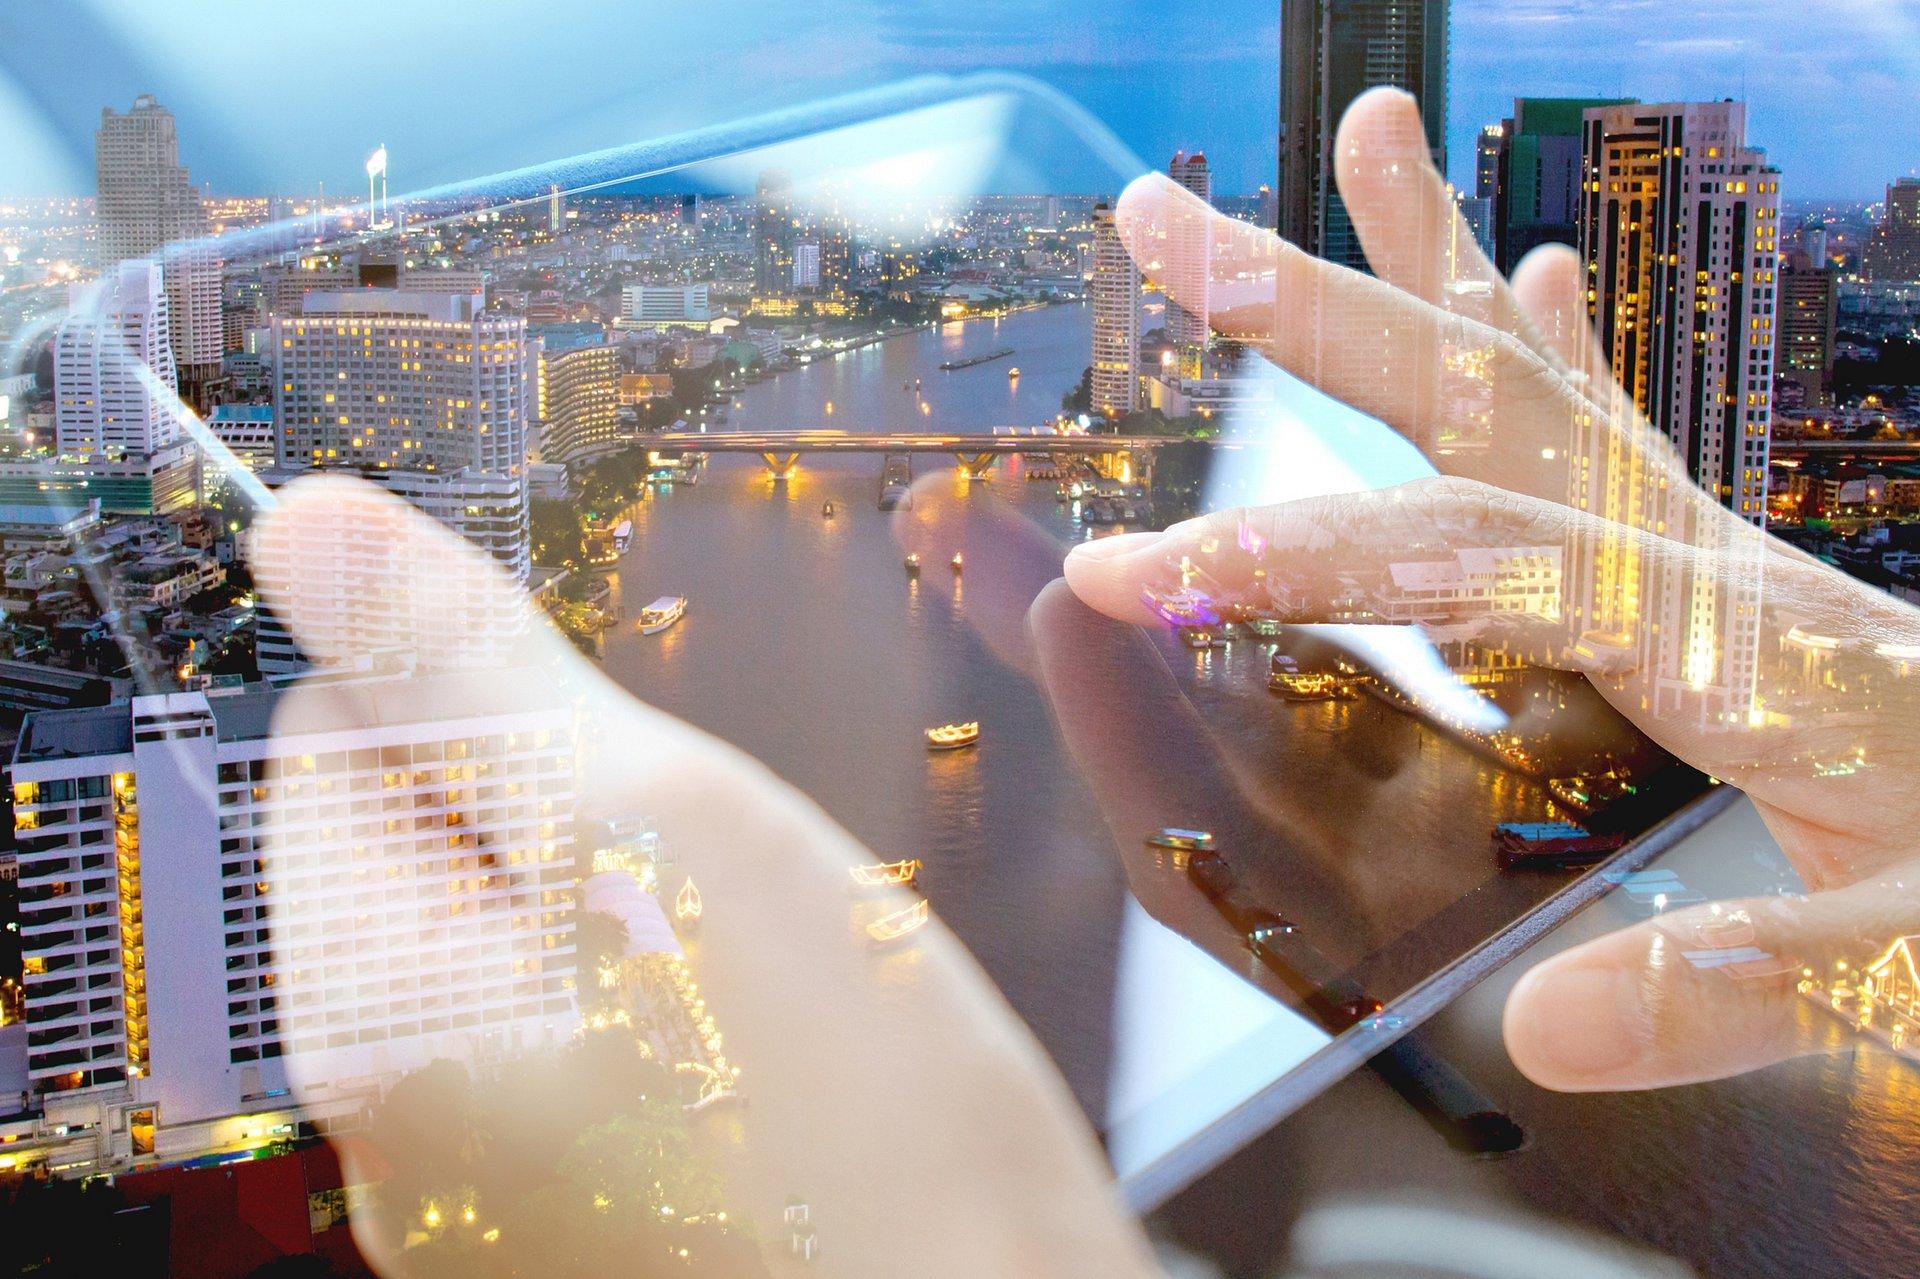 Czy Polska ma szansę stać się hubem usług IT Europy – raport o polskich firmach tworzących oprogramowanie